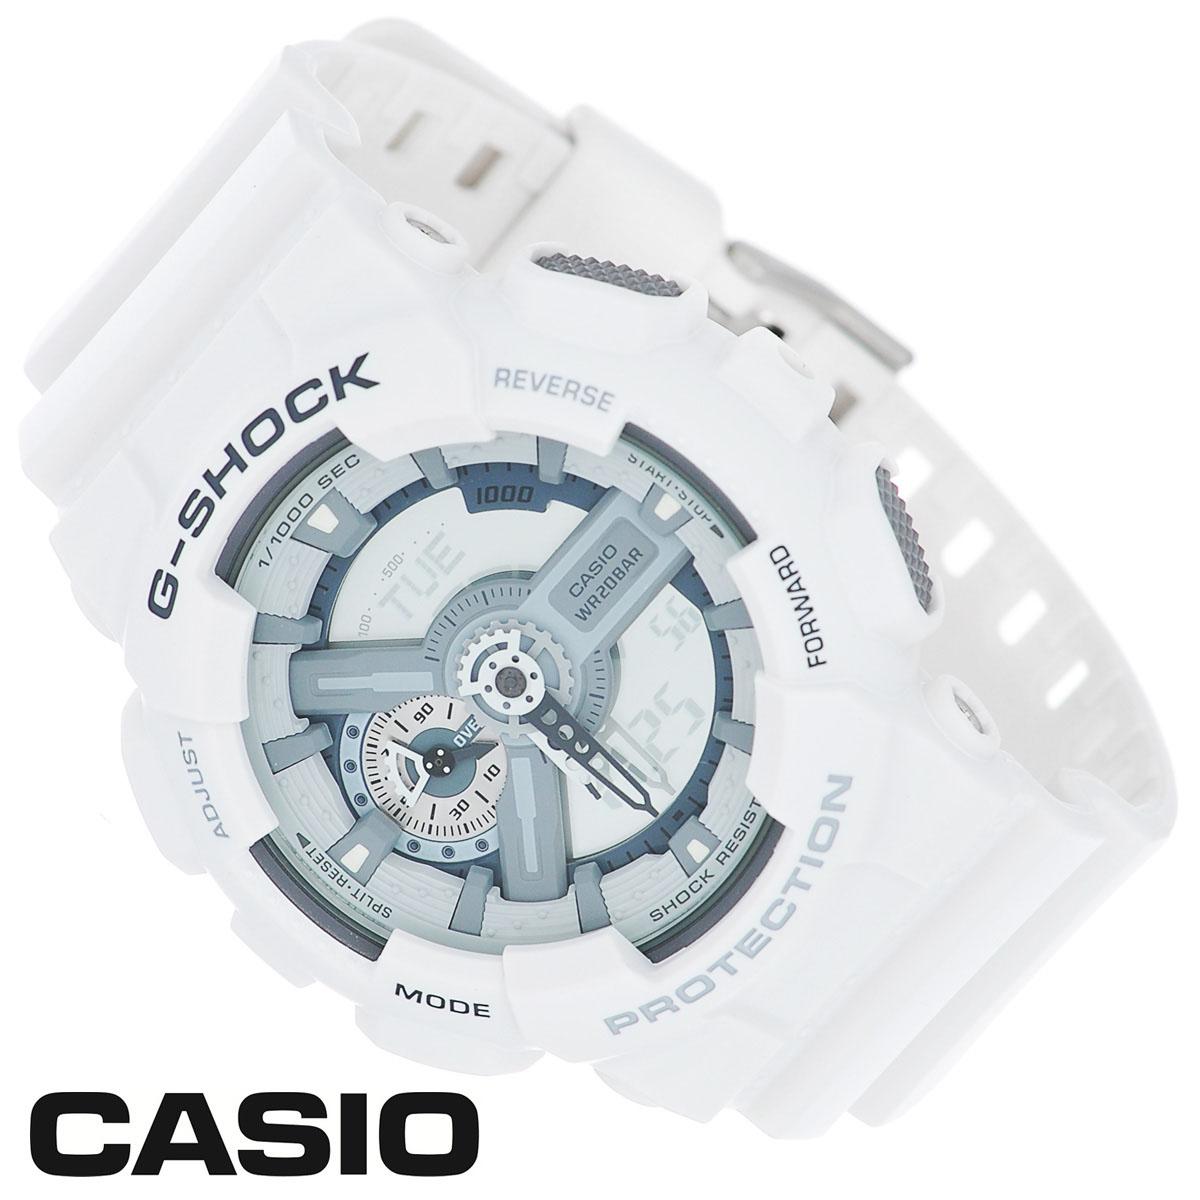 Часы мужские наручные Casio G-Shock, цвет: белый. GA-110C-7AGA-110C-7AСтильные часы G-Shock от японского брэнда Casio - это яркий функциональный аксессуар для современных людей, которые стремятся выделиться из толпы и подчеркнуть свою индивидуальность. Часы выполнены в спортивном стиле. Корпус имеет ударопрочную конструкцию, защищающую механизм от ударов и вибрации. Циферблат подсвечивается светодиодной автоматической подсветкой. Функция автоподсветки освещает циферблат при повороте часов к лицу. Ремешок из мягкого пластика имеет классическую застежку. Основные функции: - 5 будильников, один с функцией Snooze, ежечасный сигнал; - автоматический календарь (число, месяц, день недели, год); - сплит-хронограф; - защита от магнитных полей; - секундомер с точностью показаний 1/1000 с, время измерения 100 часов; - 12-ти и 24-х часовой формат времени; - таймер обратного отсчета от 1 мин до 24 ч с автоповтором; - мировое время. Часы...